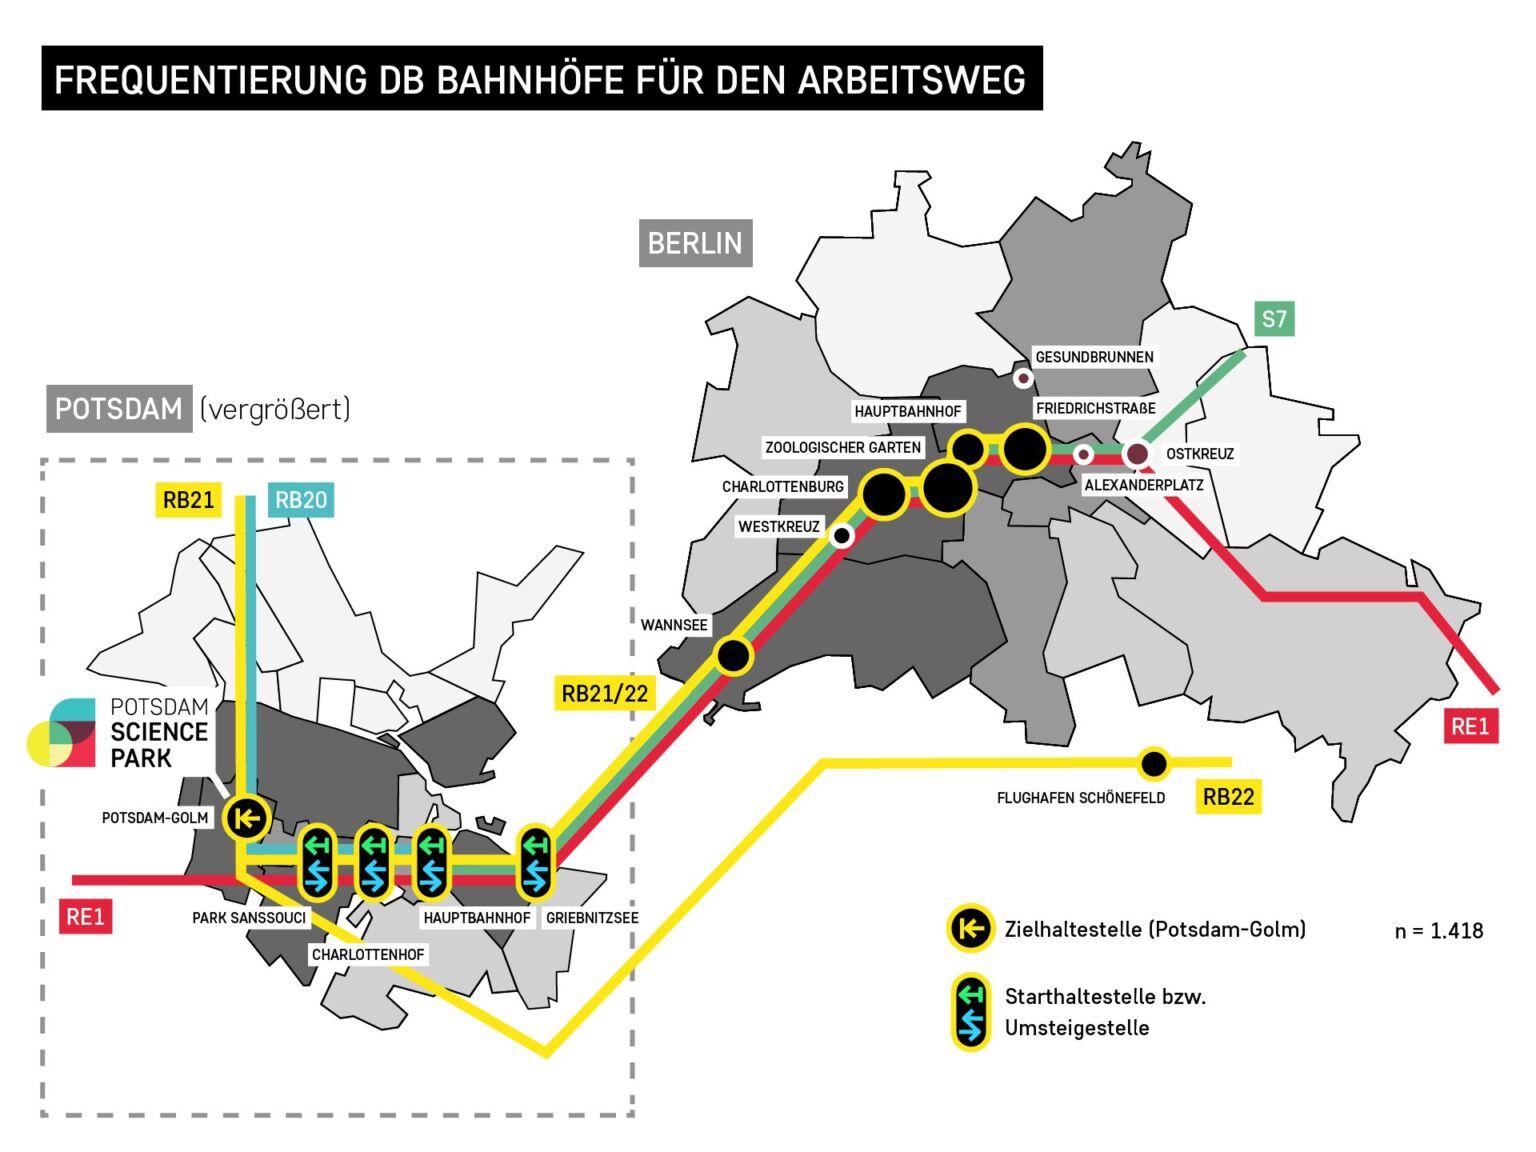 Potsdam Science Park - Verkehrsumfrage 2020 - Frequentierung der Bahnhöfe für den Arbeitsweg, Grafik: Ferdinand Dorendorf